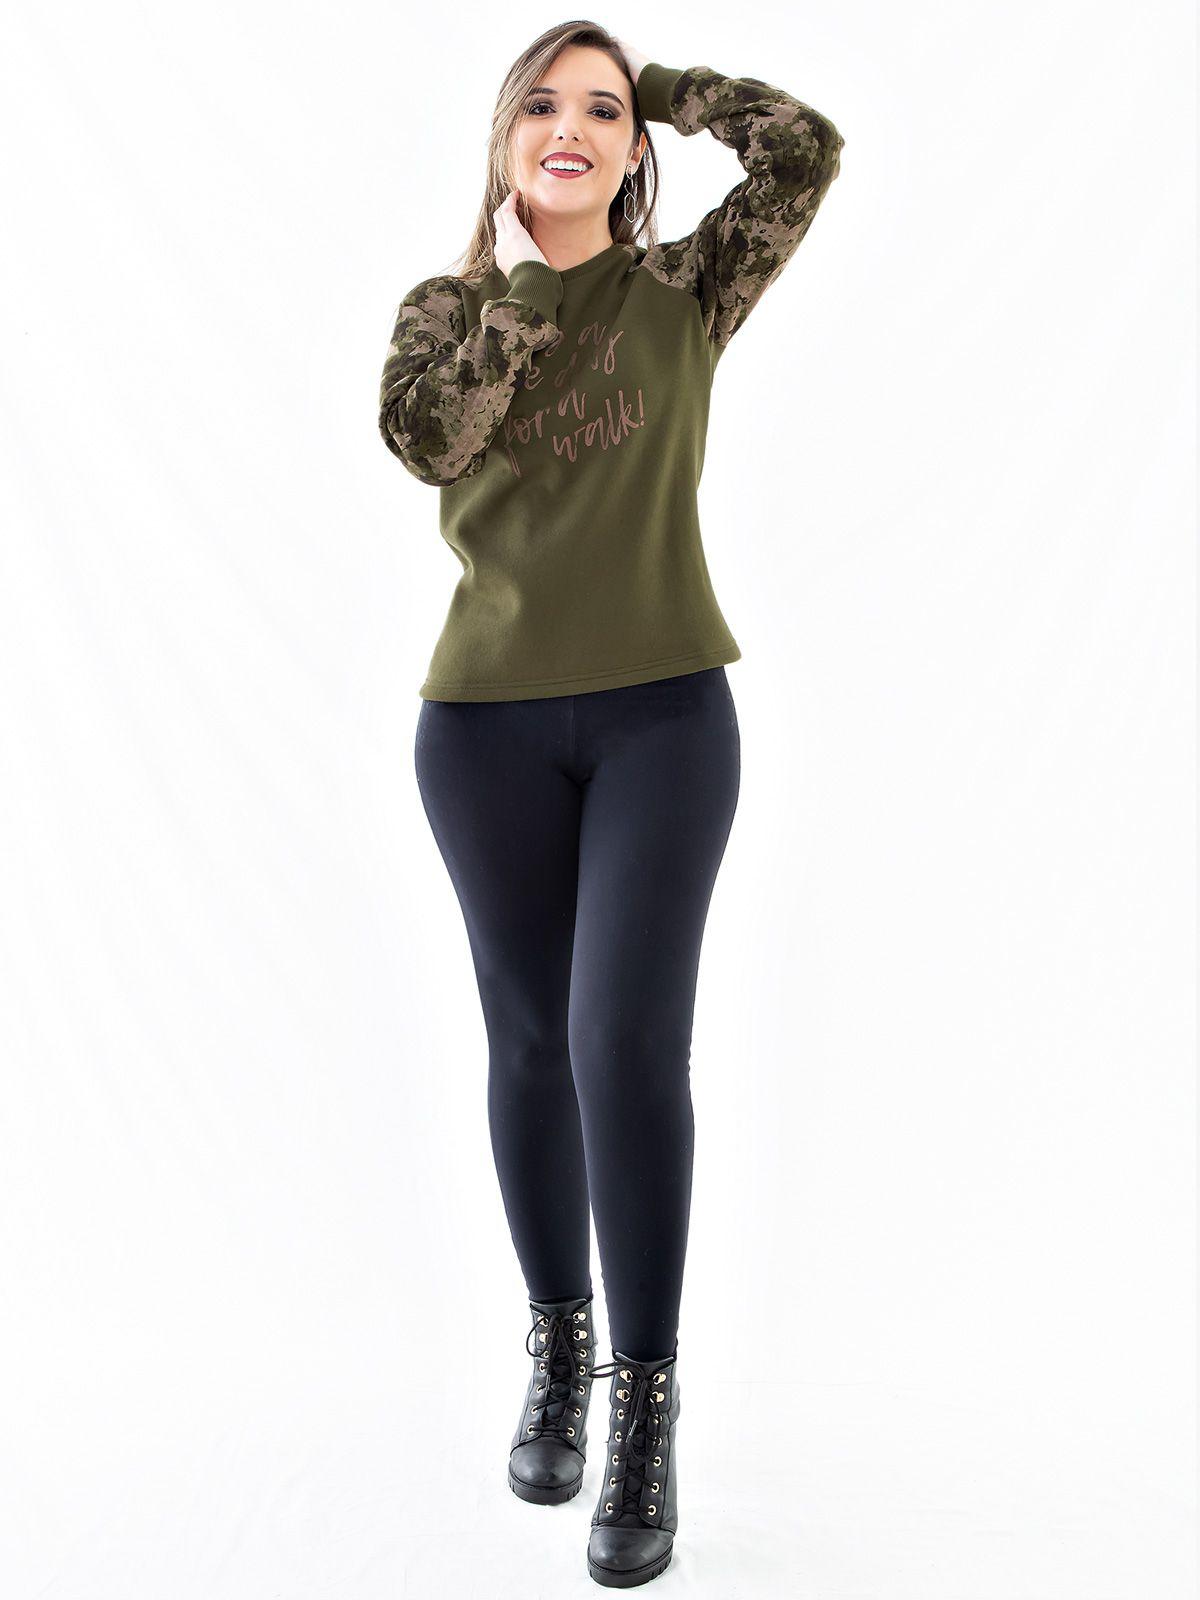 Blusa Moletom Feminino com Mangas Camufladas Anistia Verde Militar